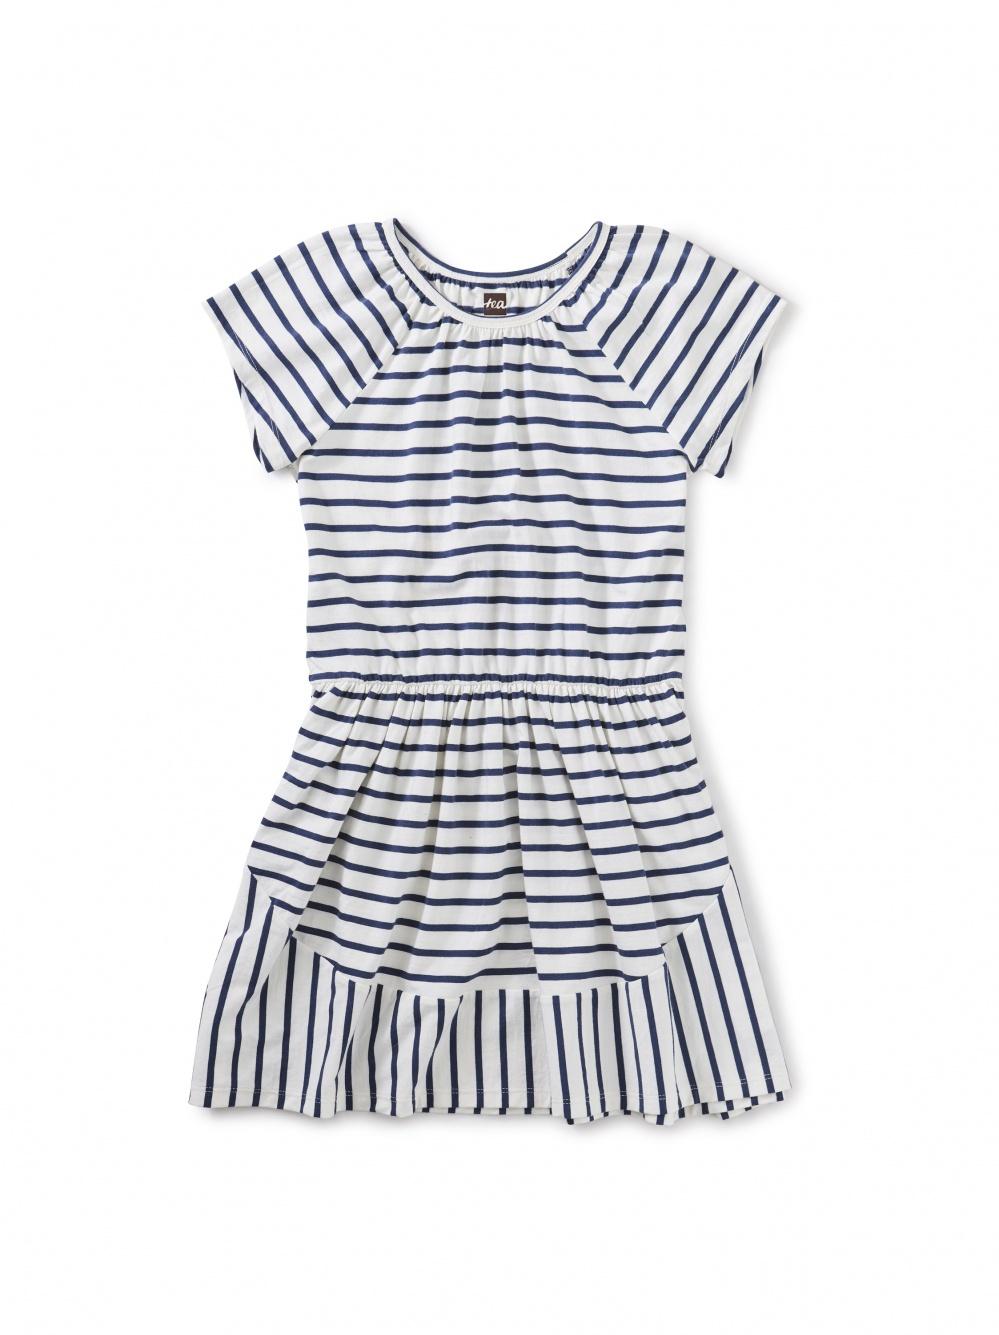 Skip & Hop Dress